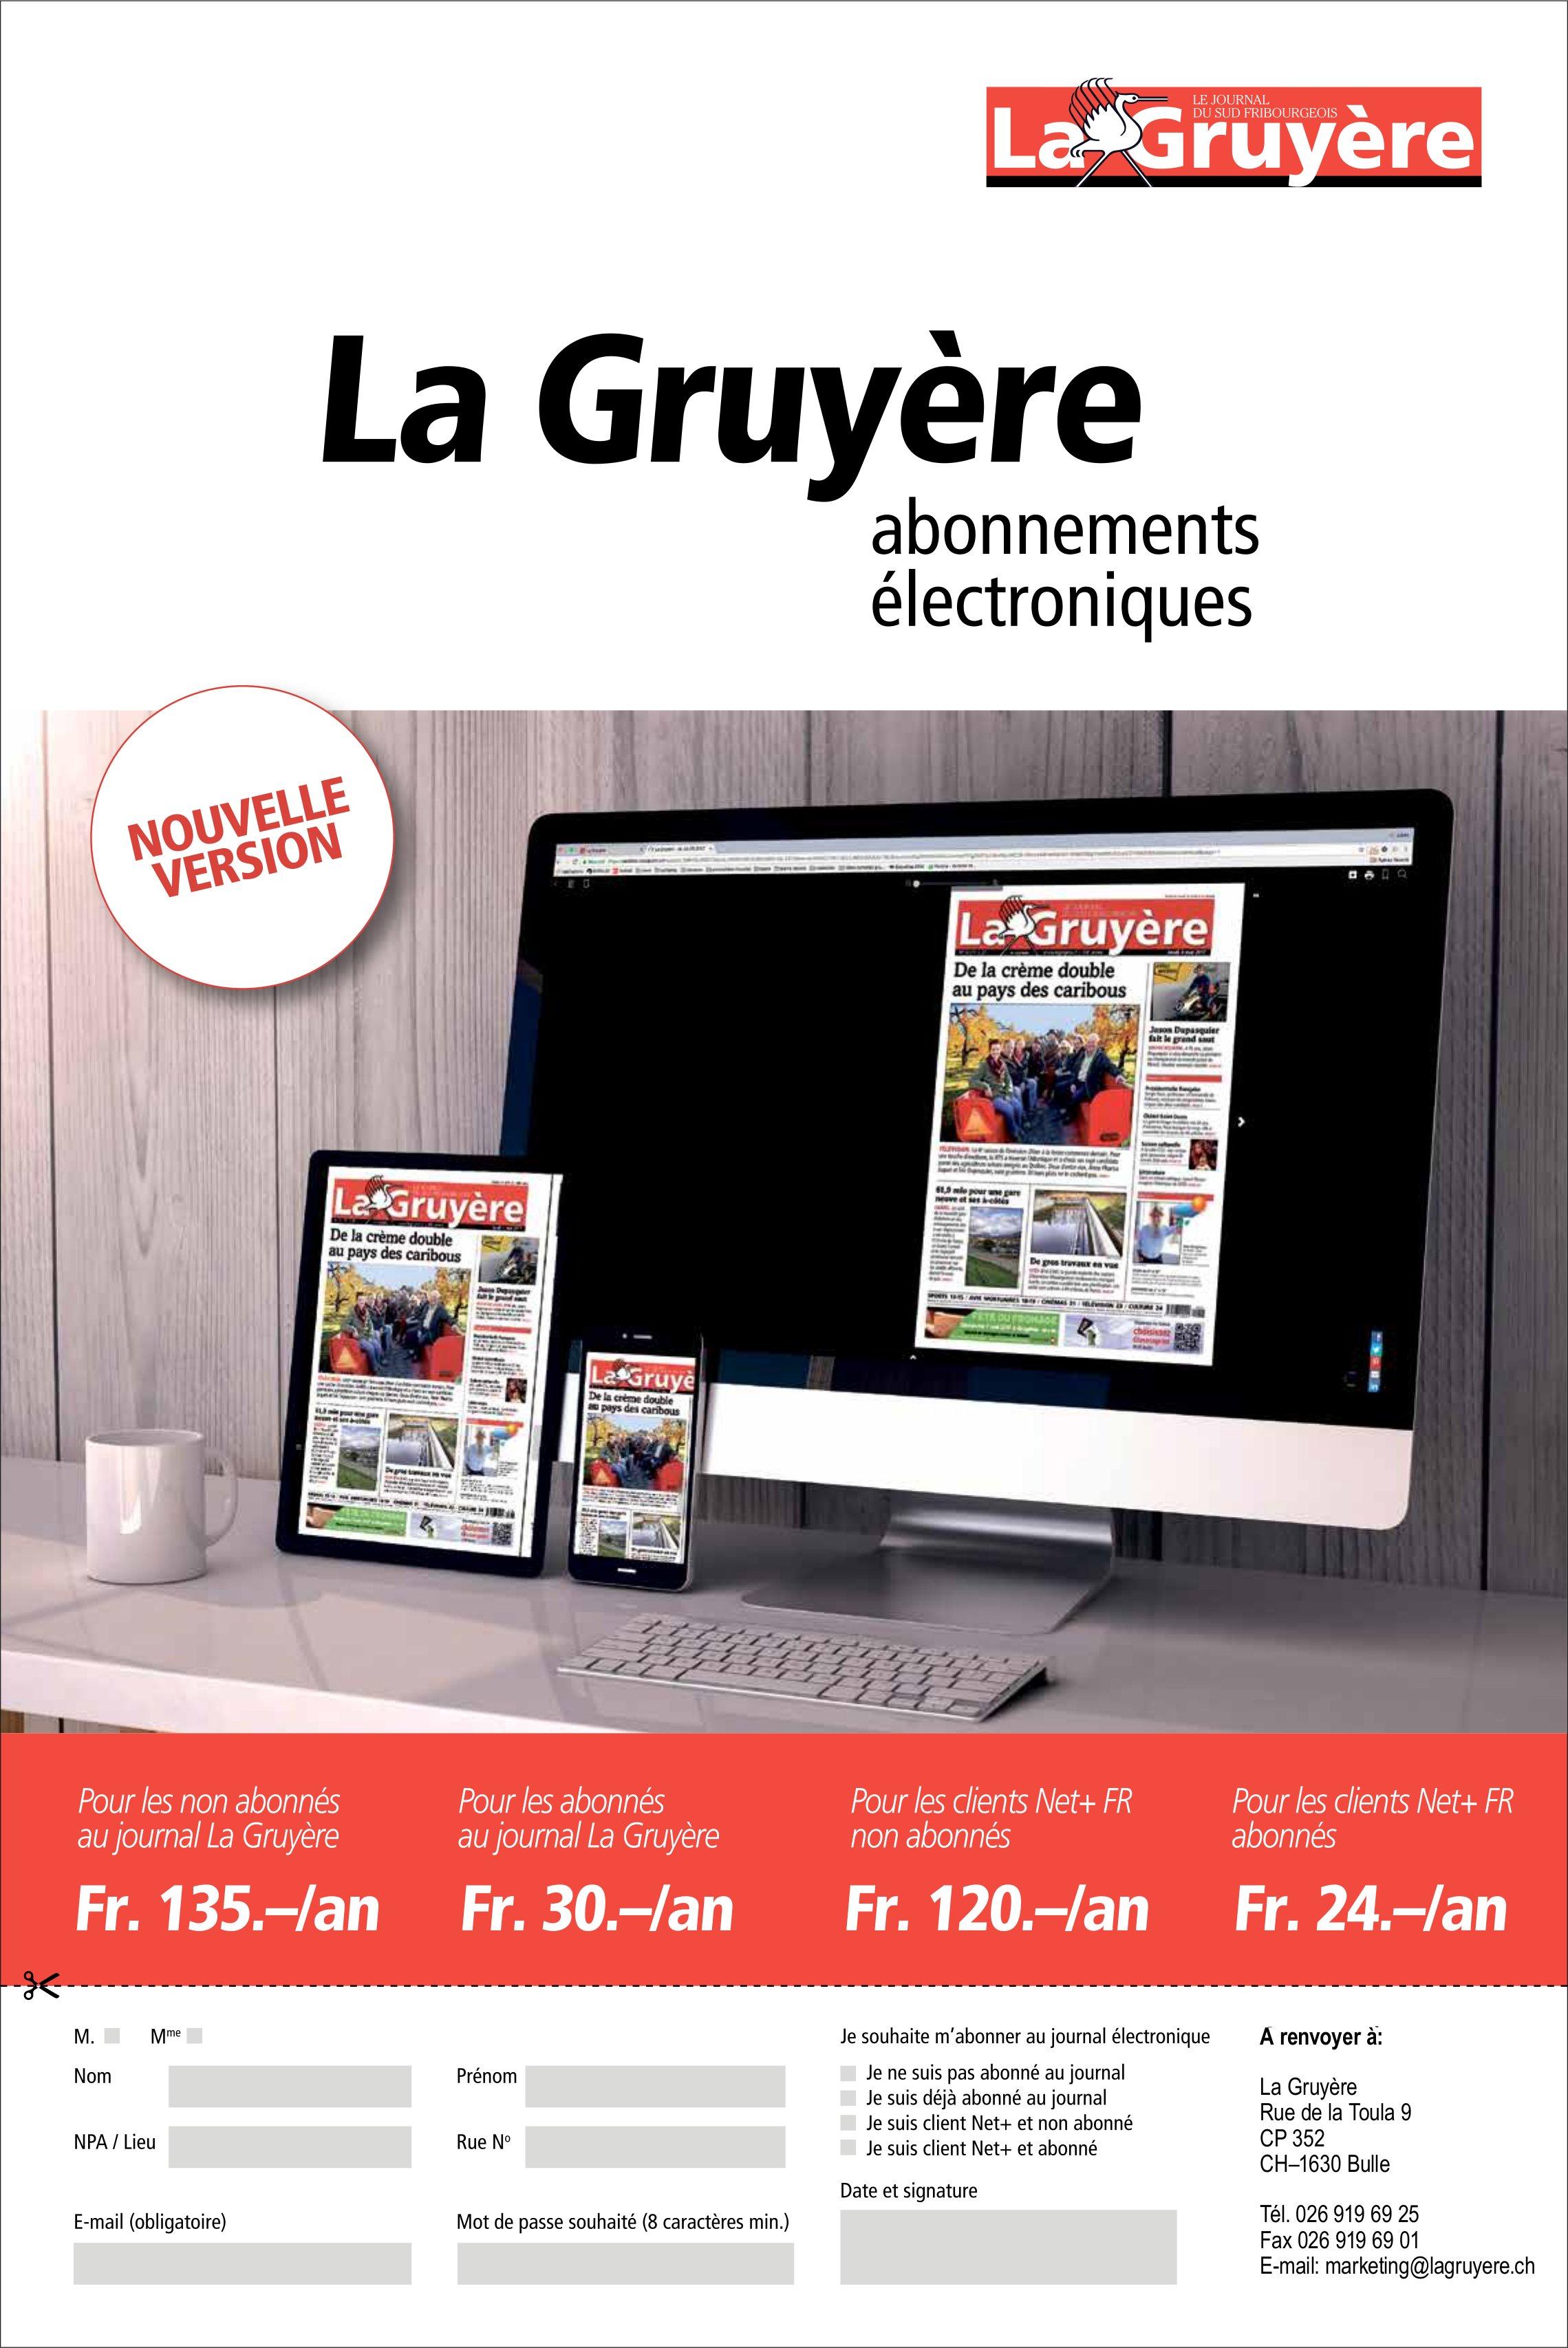 La Gruyère - abonnements électroniques nouvelle version